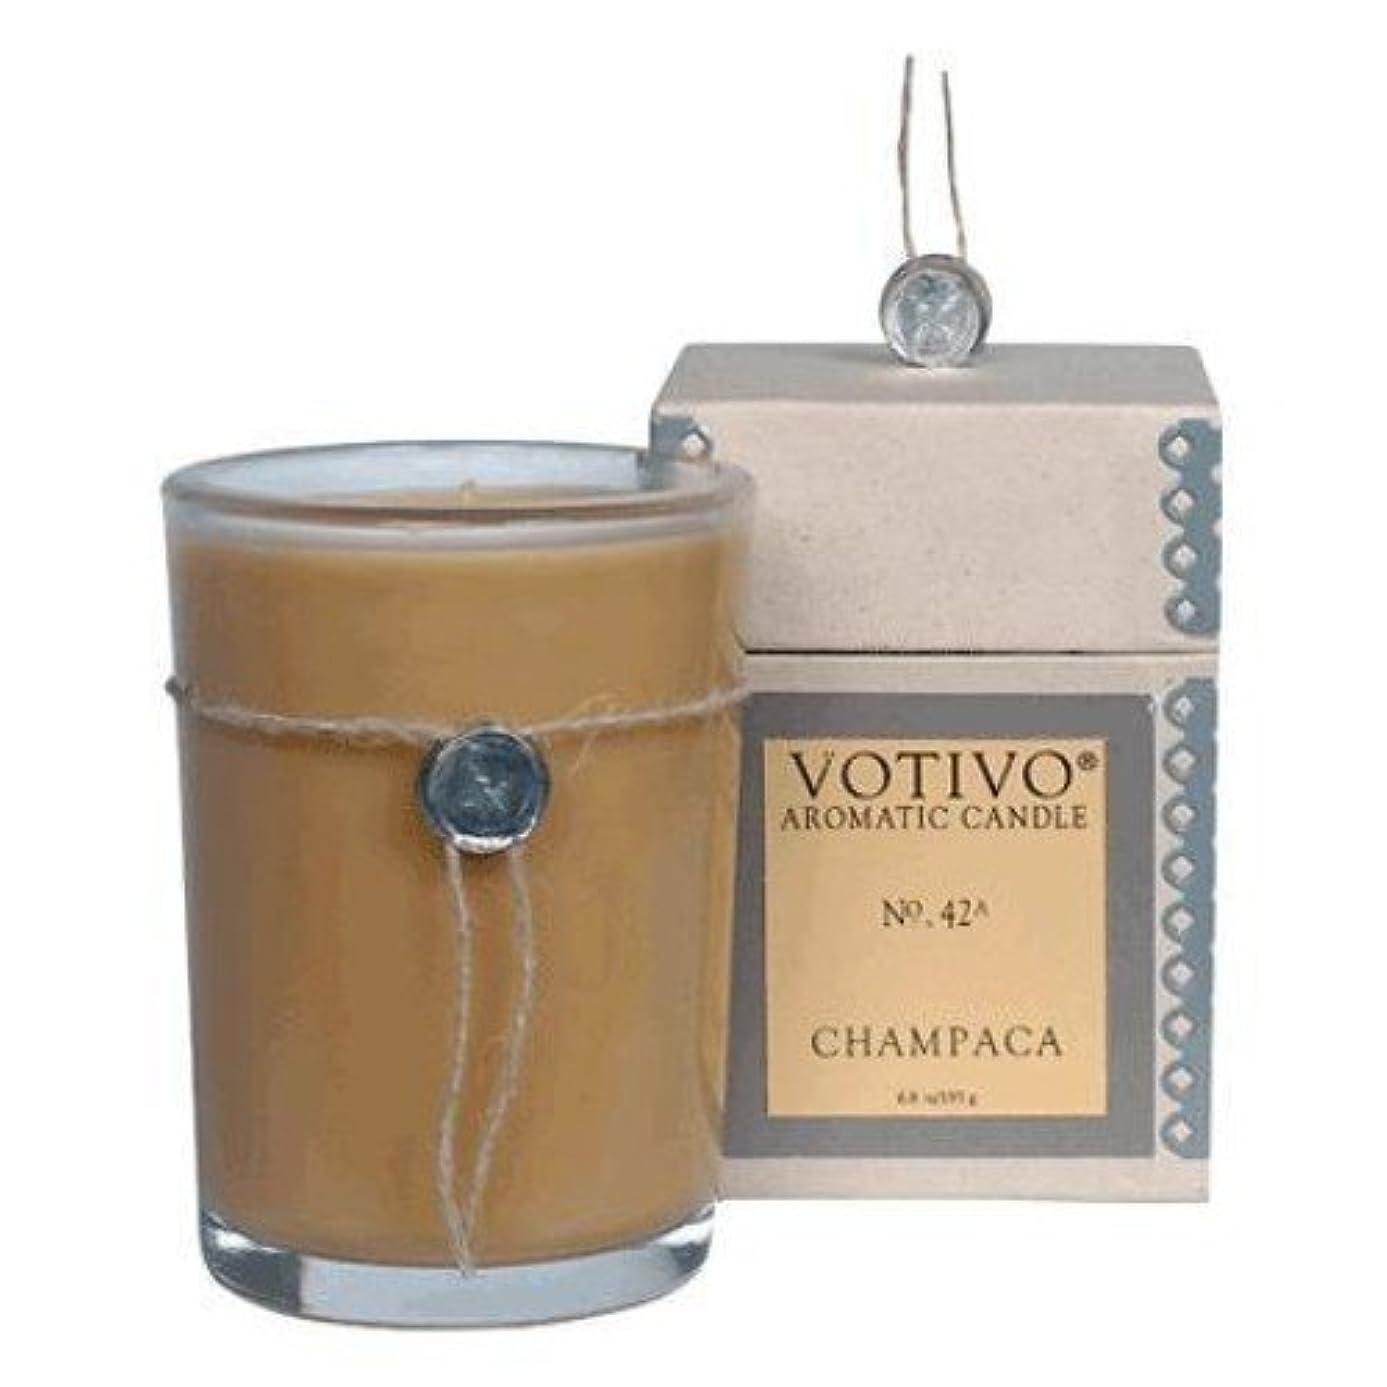 プロフェッショナルオーブン経度VOTIVO(ボーティボ)  キャンドル チャンパカ 193g